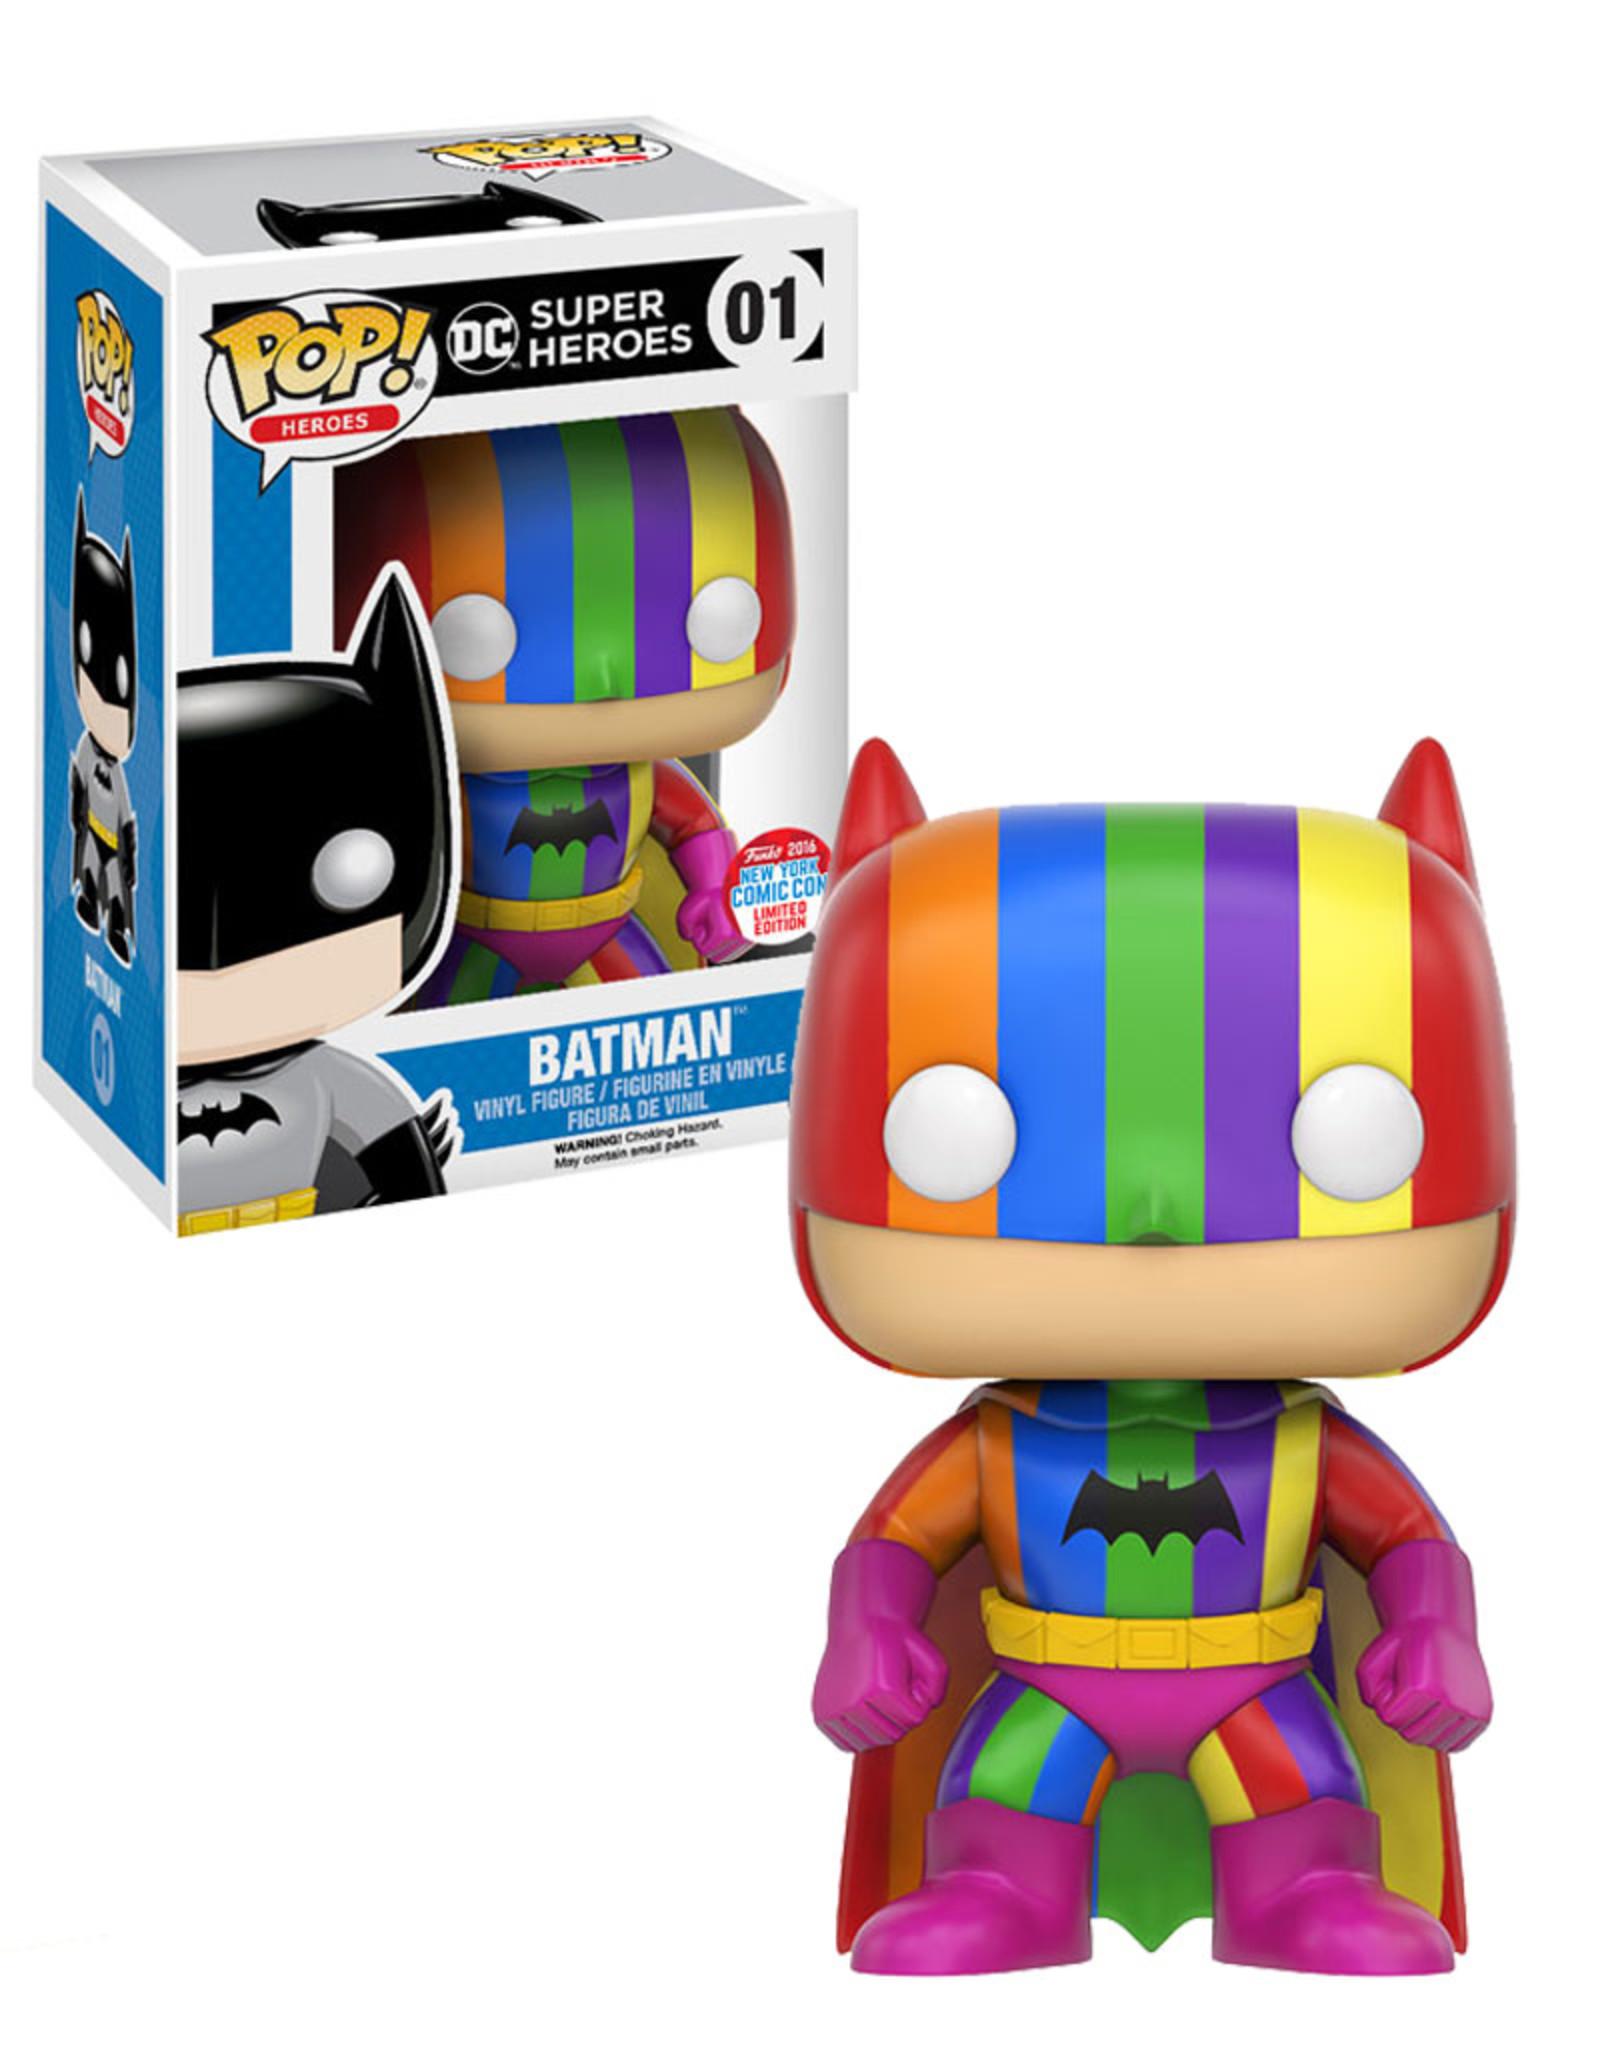 Batman 01 ( Funko Pop ) New York Comic Con 2016